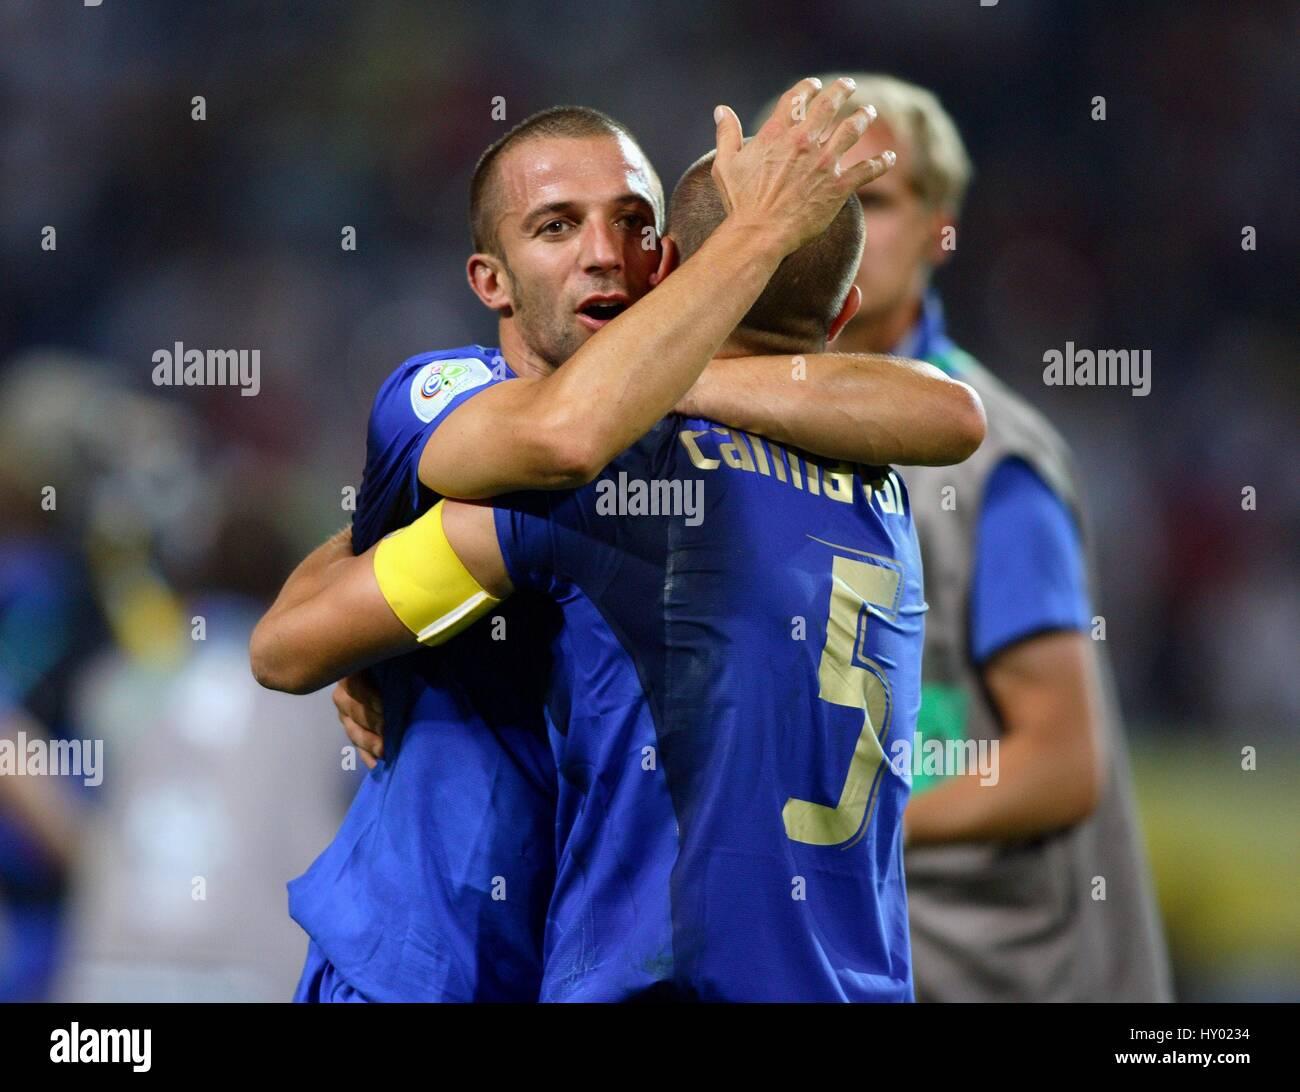 A DEL PIERO & FABIO CANNAVARO GERMANY V ITALY WORLD CUP DORTMUND